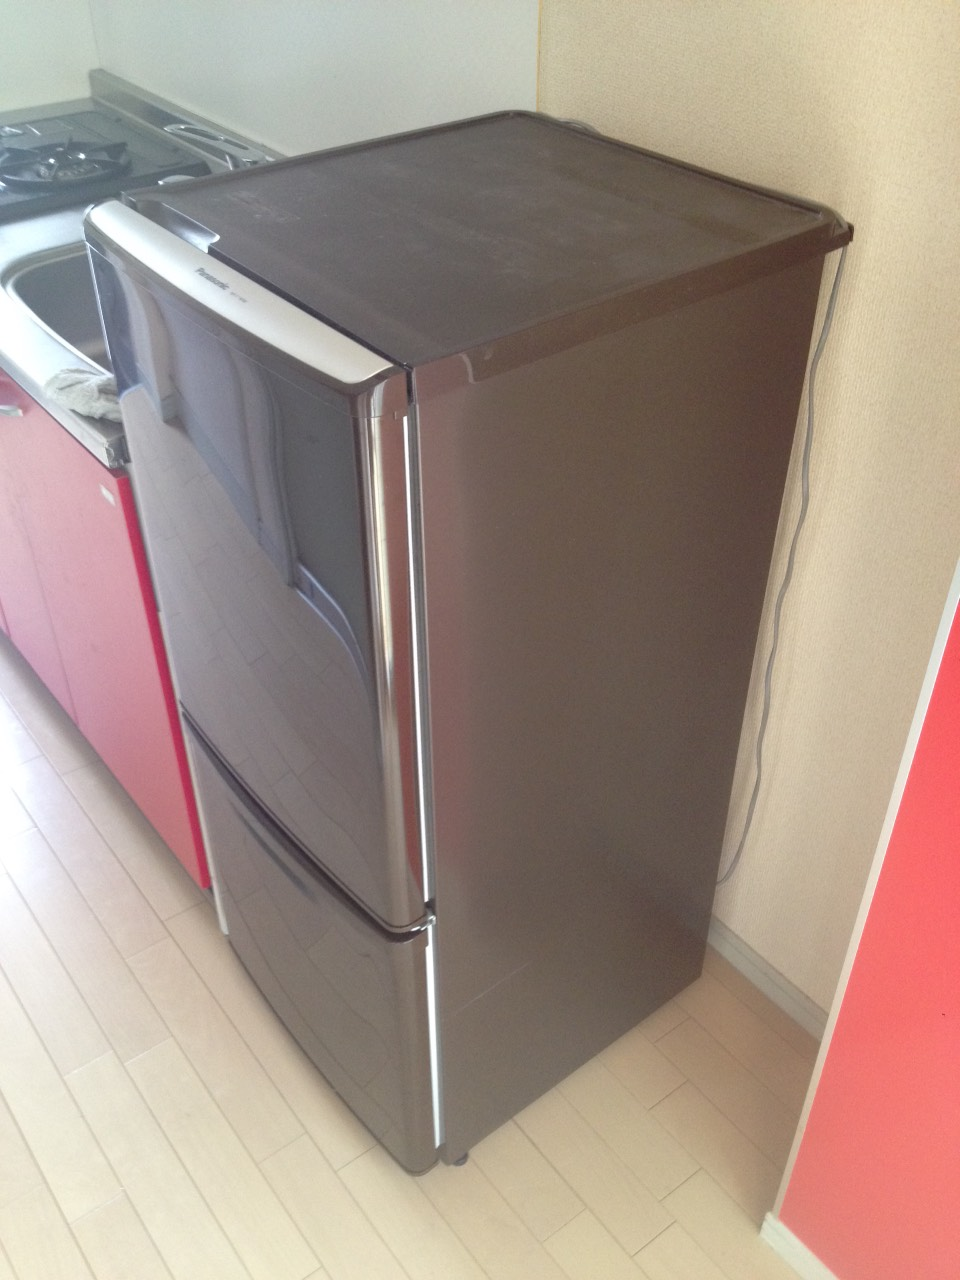 【愛知県名古屋市中区】冷蔵庫の出張買取